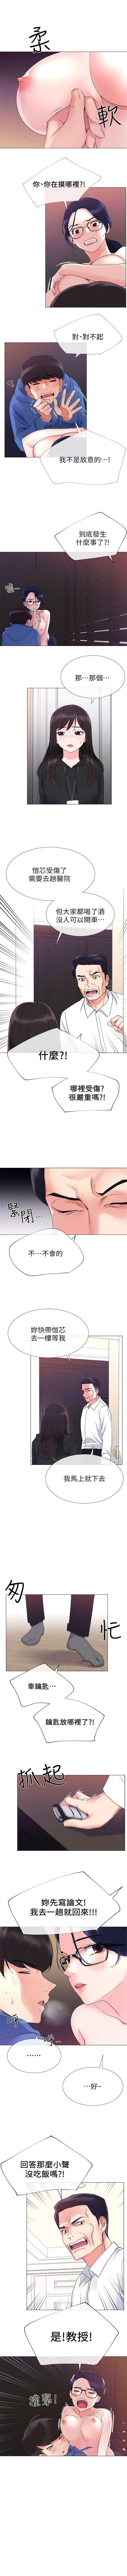 重考生 1-44 中文翻译(更新中) 60